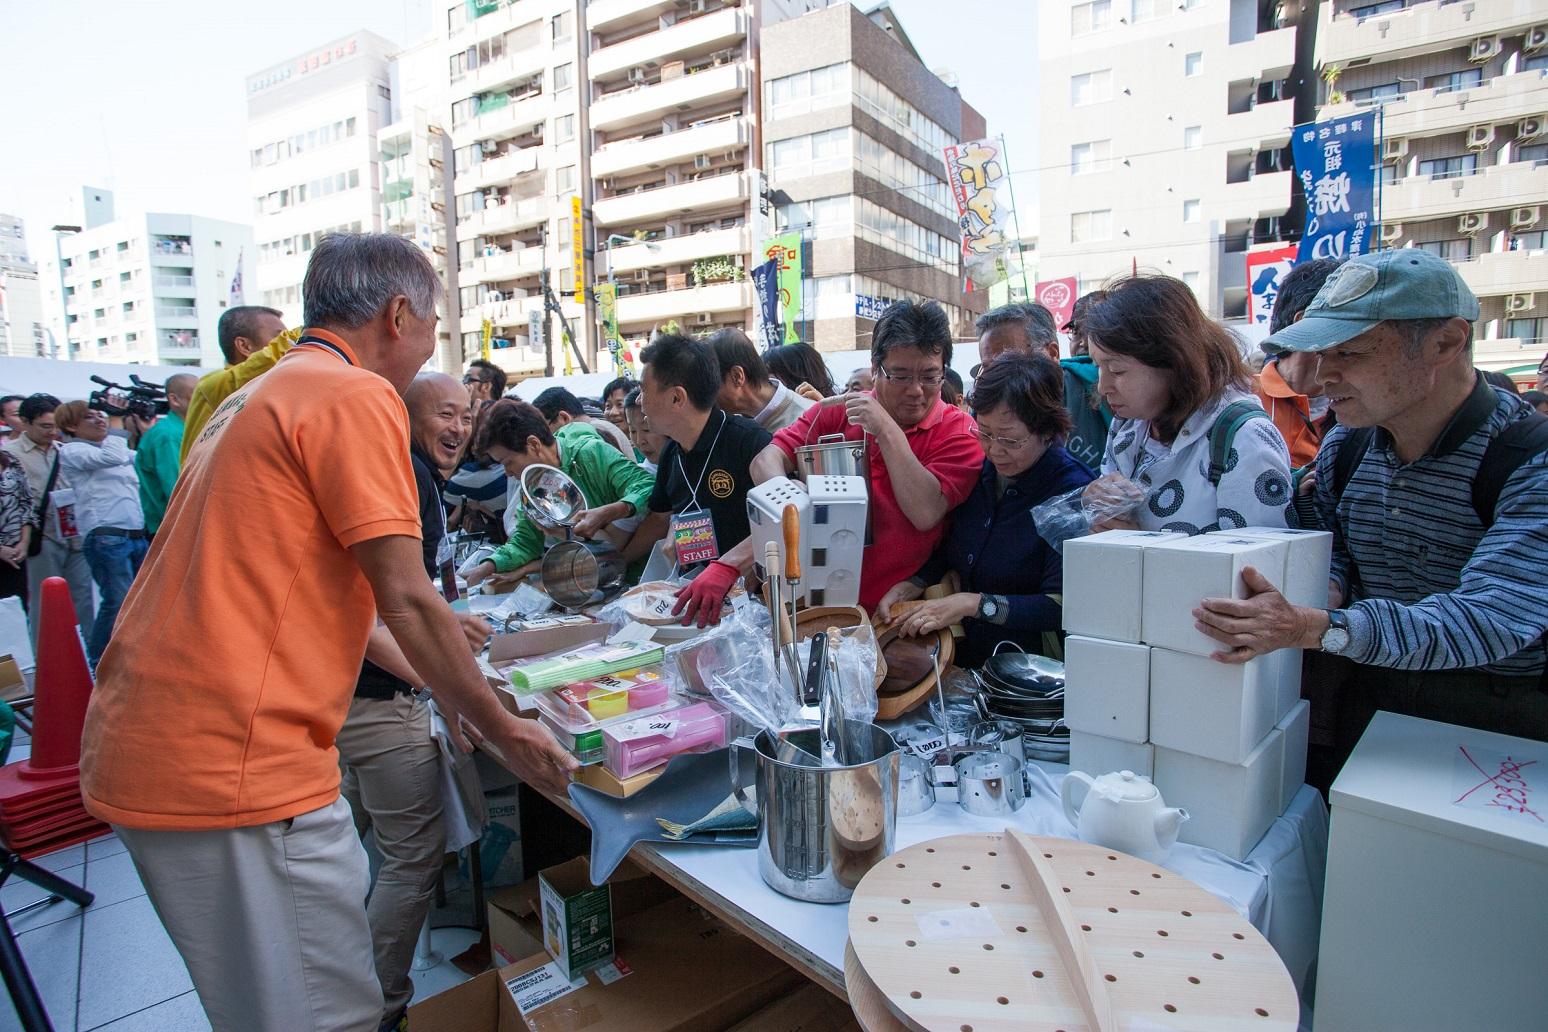 kappabashi dogu festival